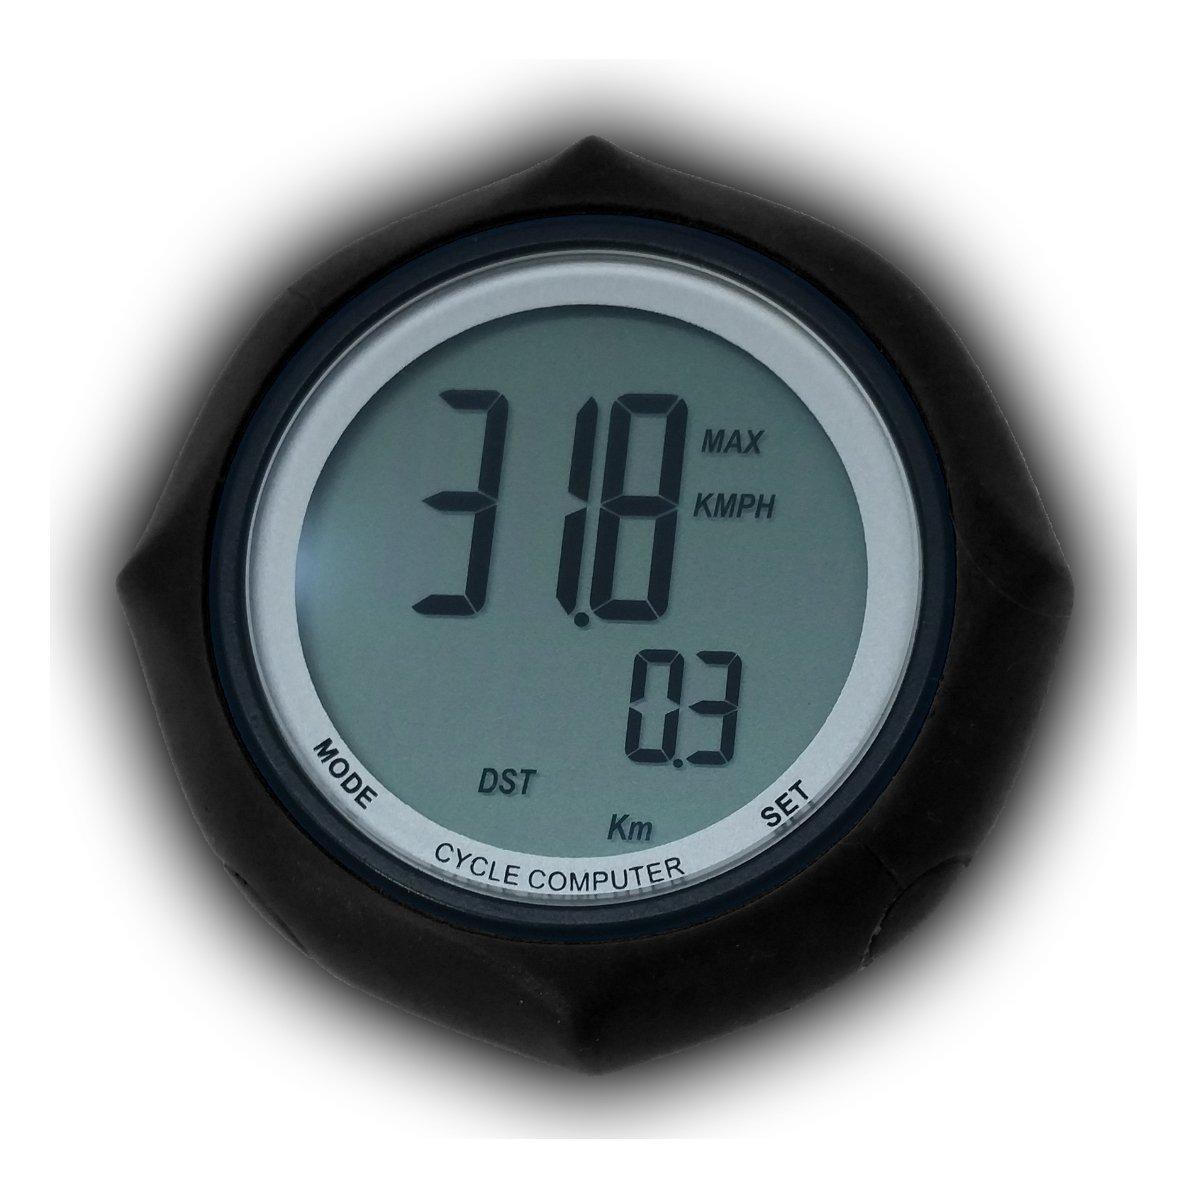 BERG – 15231201 – Speedometer Computer di bordo per Kettcar